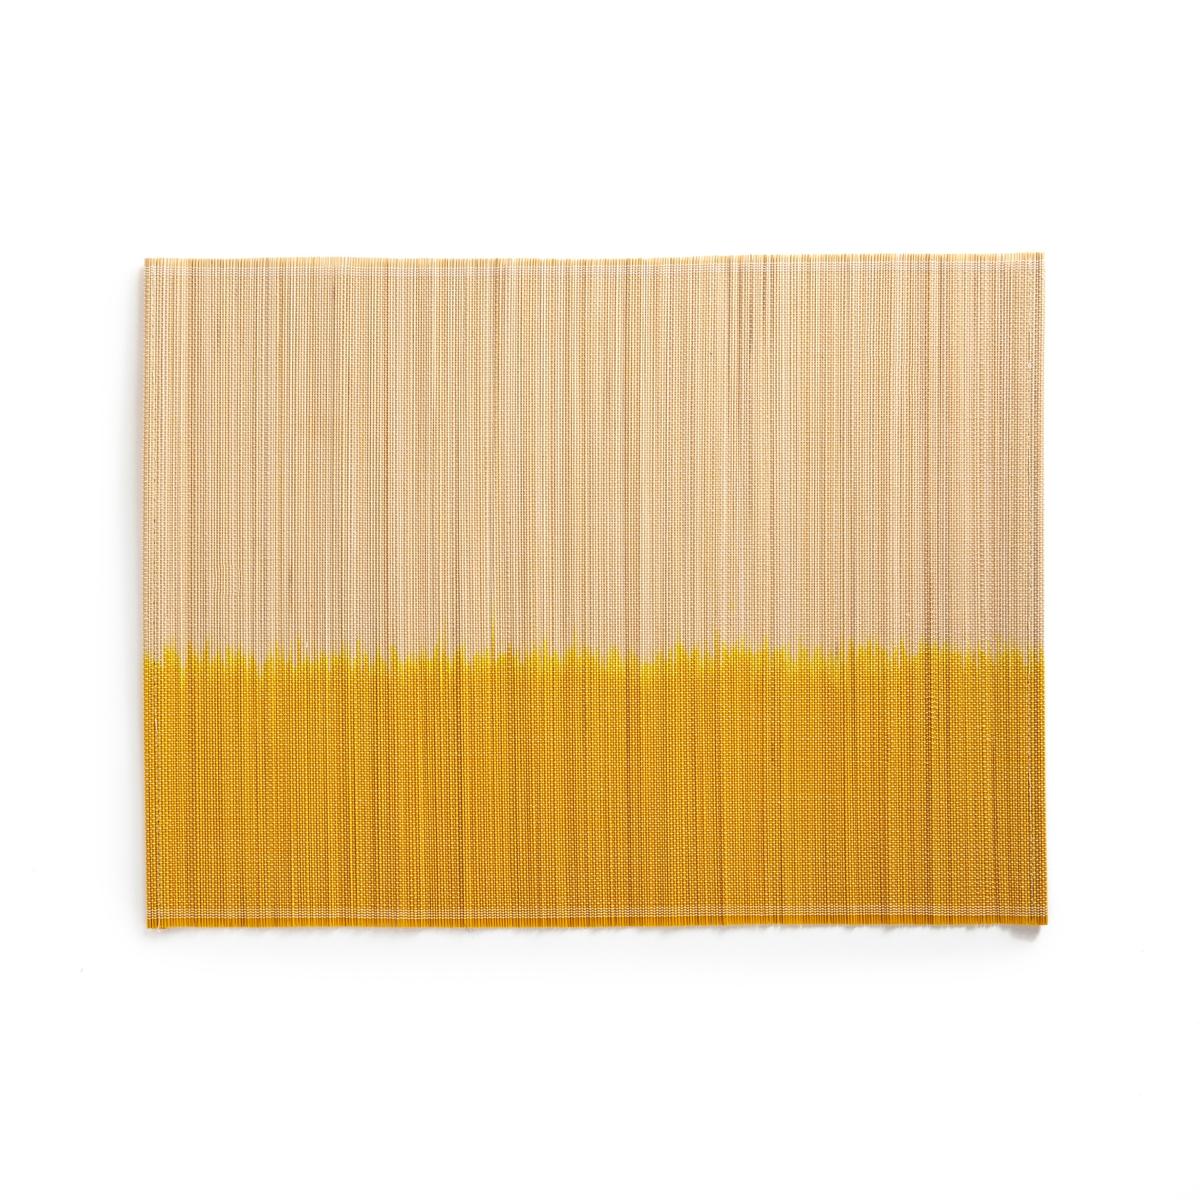 Комплект из 4 подложек под приборы из бамбука, DAYEM